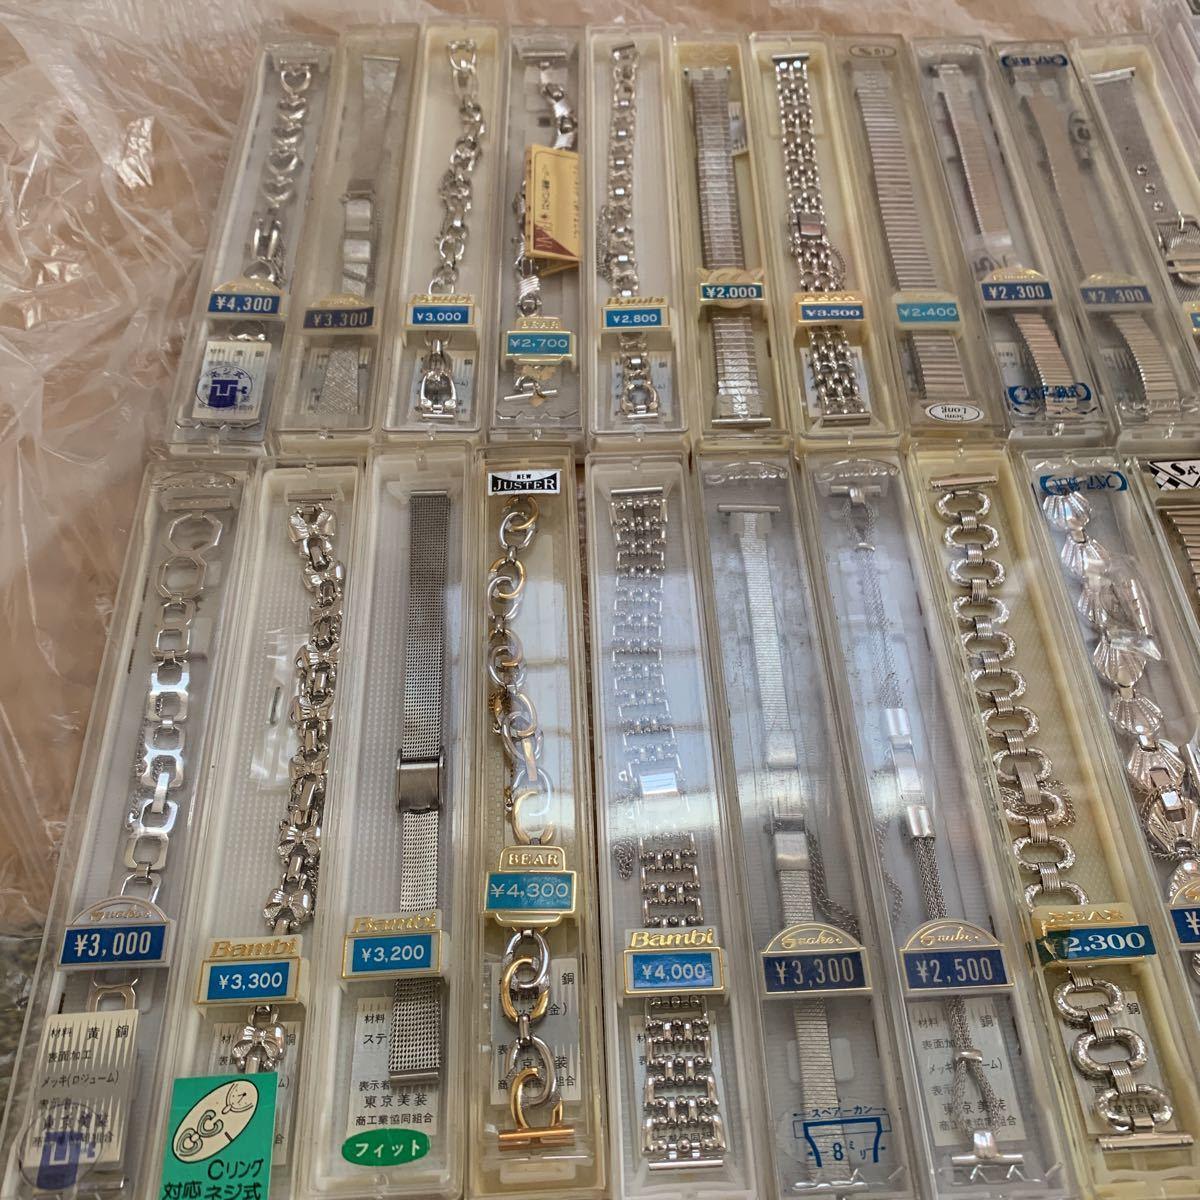 まとめ売り 売切 Bambi スネーク kreisler mignon 37個 腕時計 ベルト メガネ屋閉店長期在庫品 新品未使用_画像2